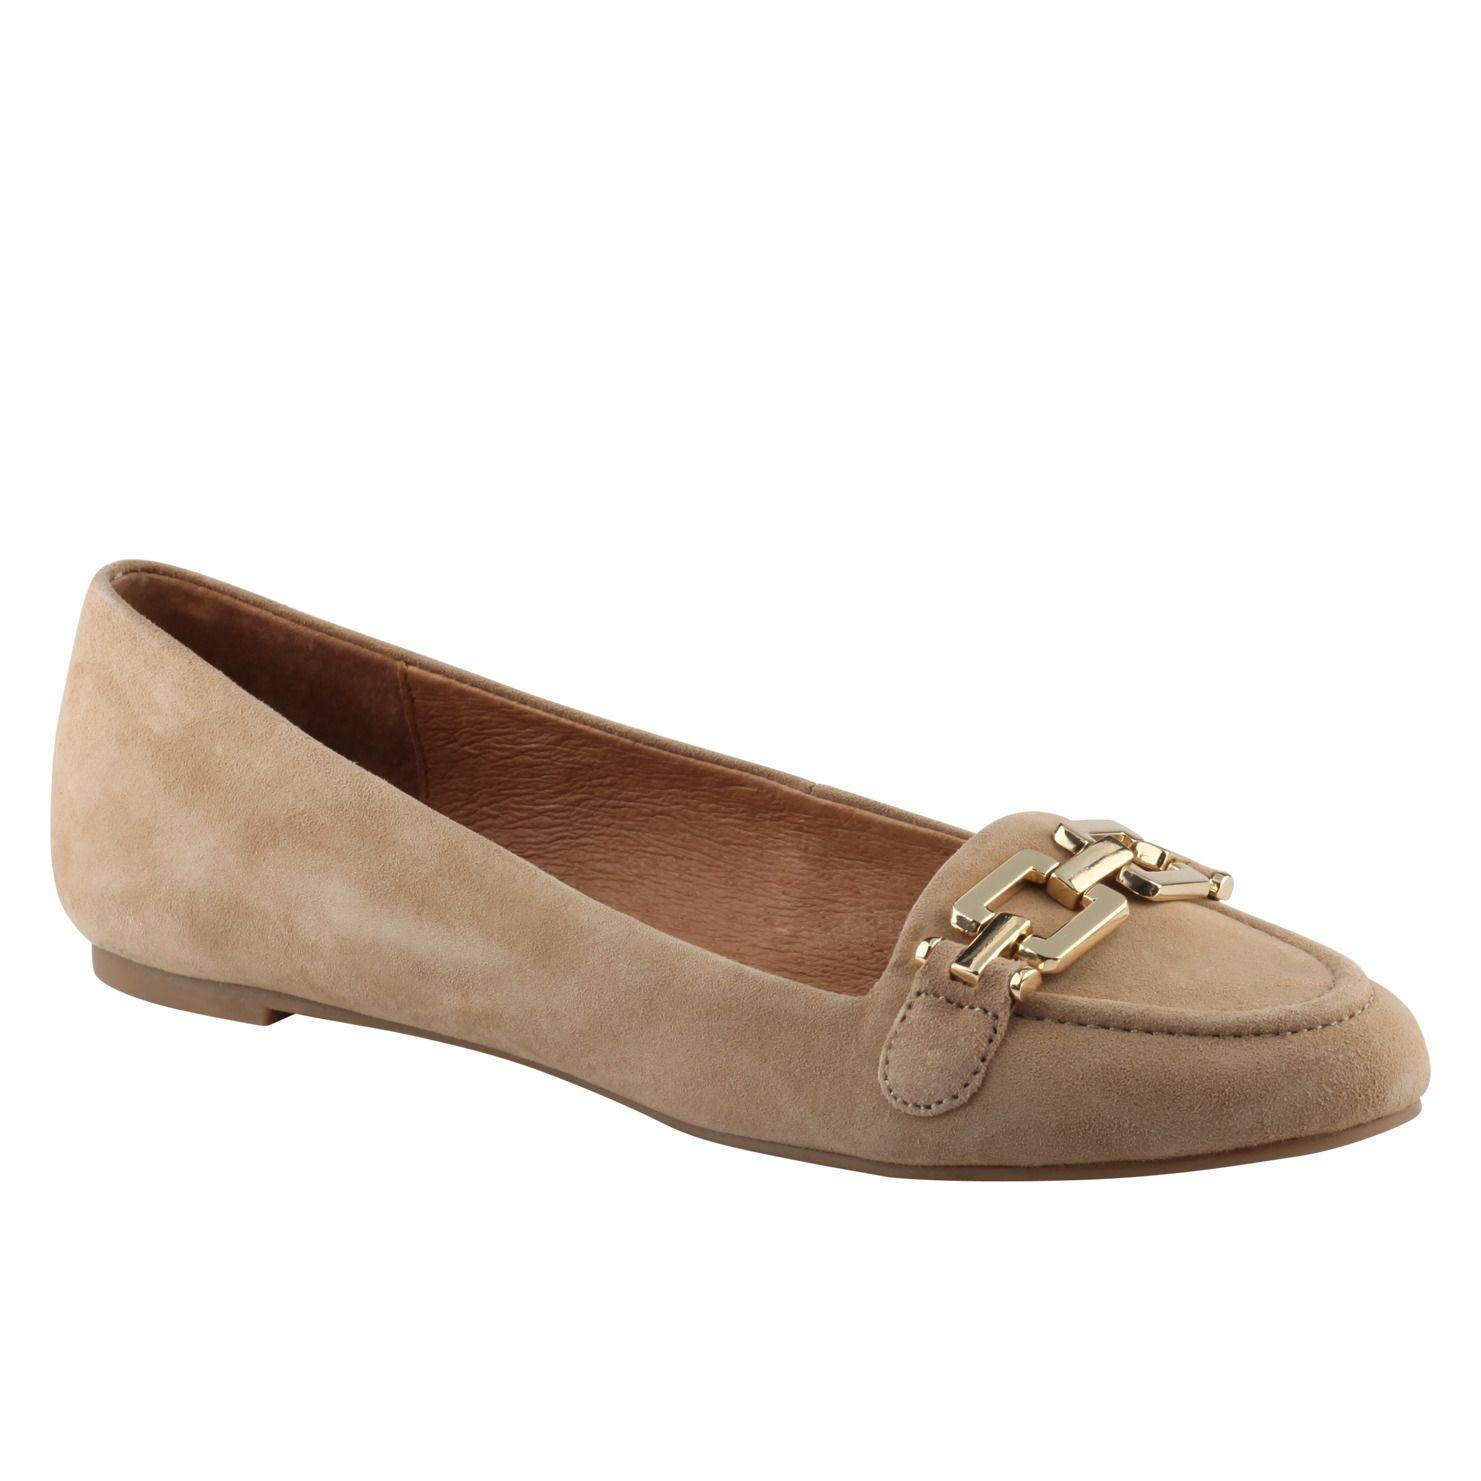 aldo flat shoes sale